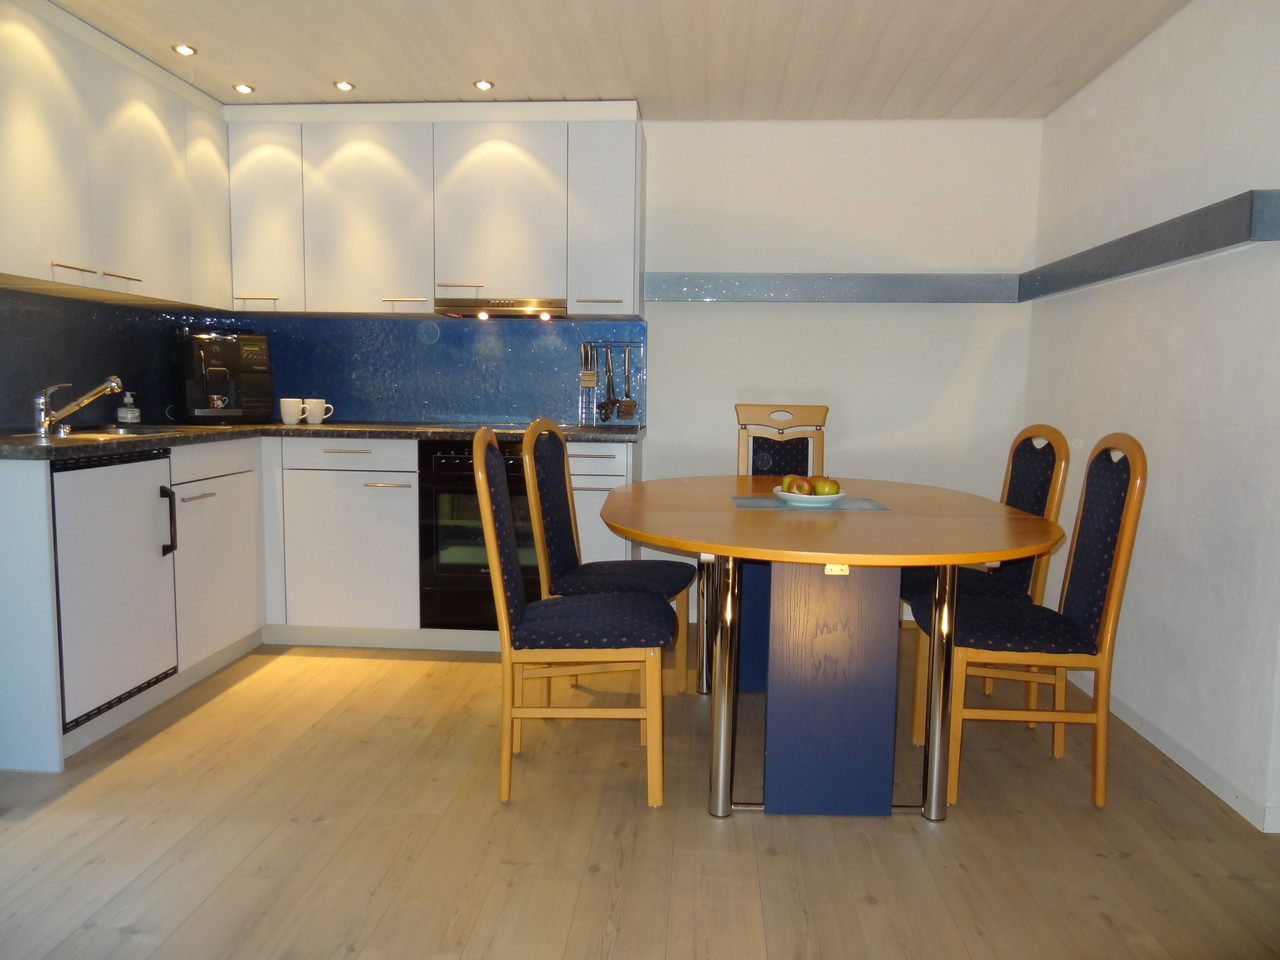 Wohnung / 3 1/2 Zimmer im Haus Sonja - Ferienwohnung beim Wiriehorn!